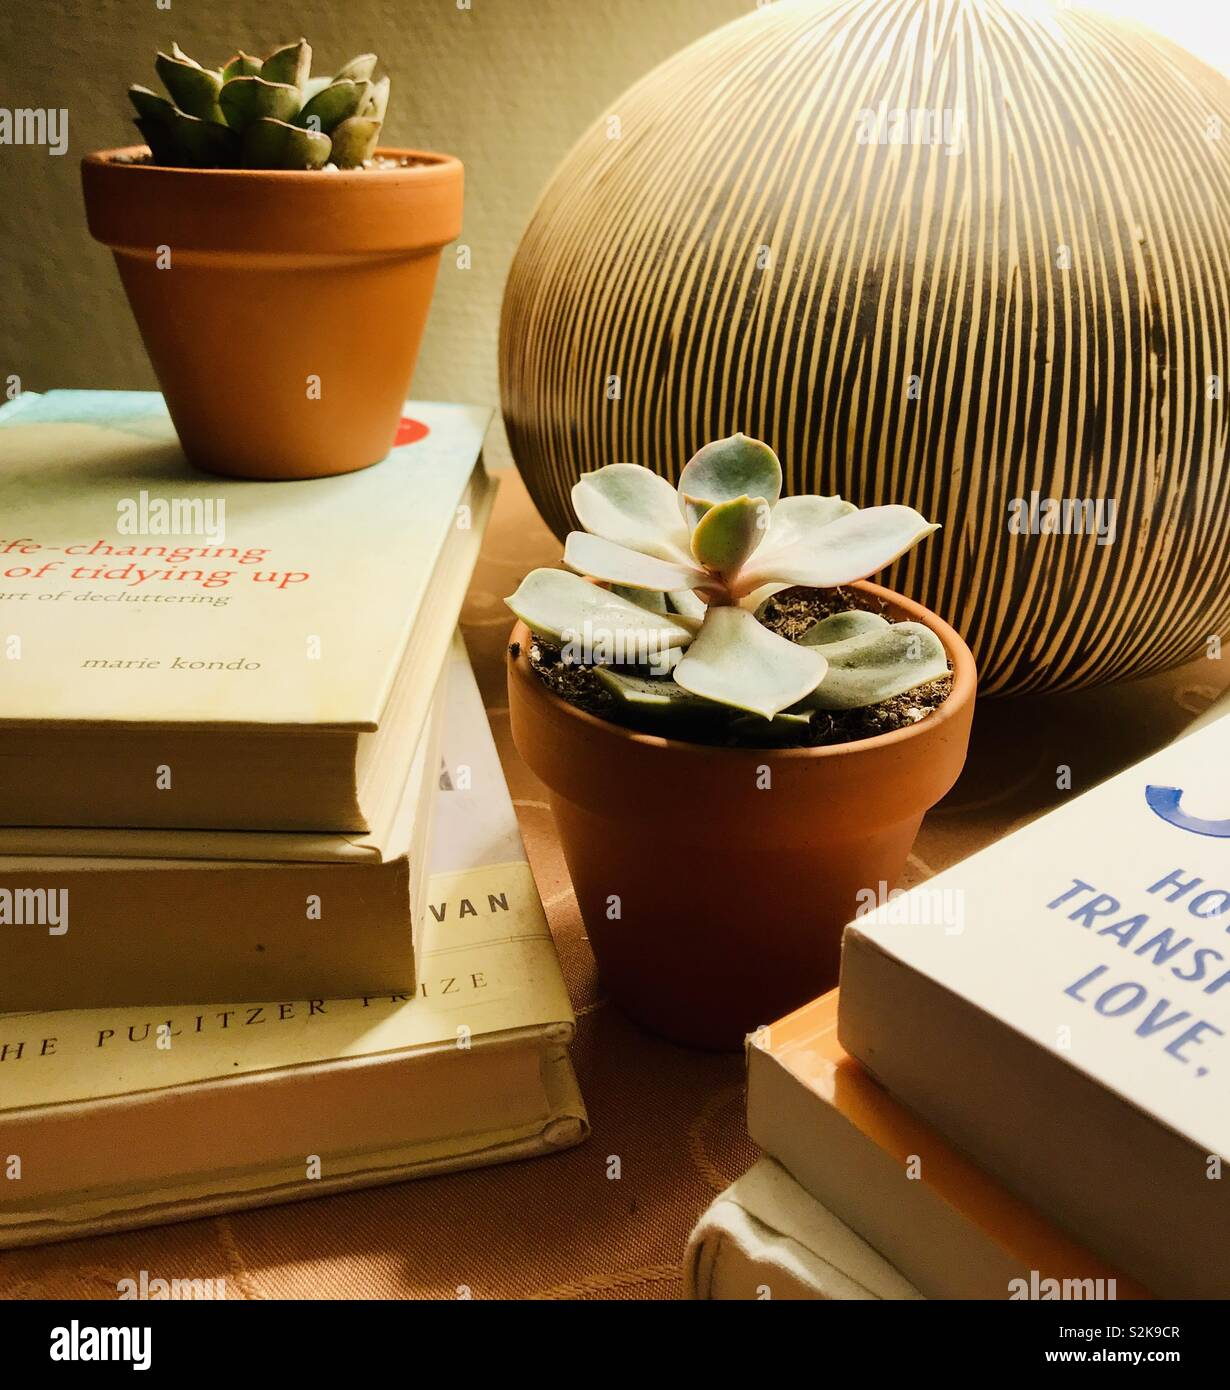 Livres empilés et plantes succulentes decor avec lampe Photo Stock